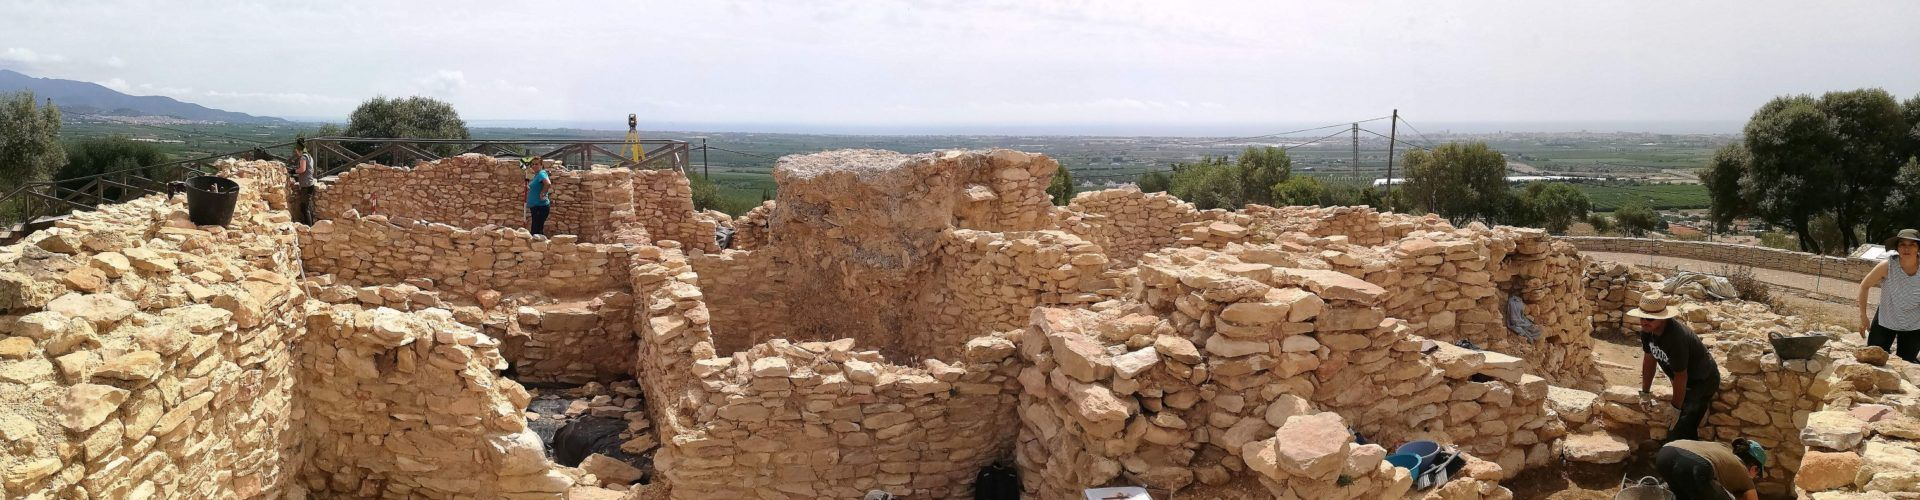 Fotos: excavacions al poblat del Puig de Vinaròs